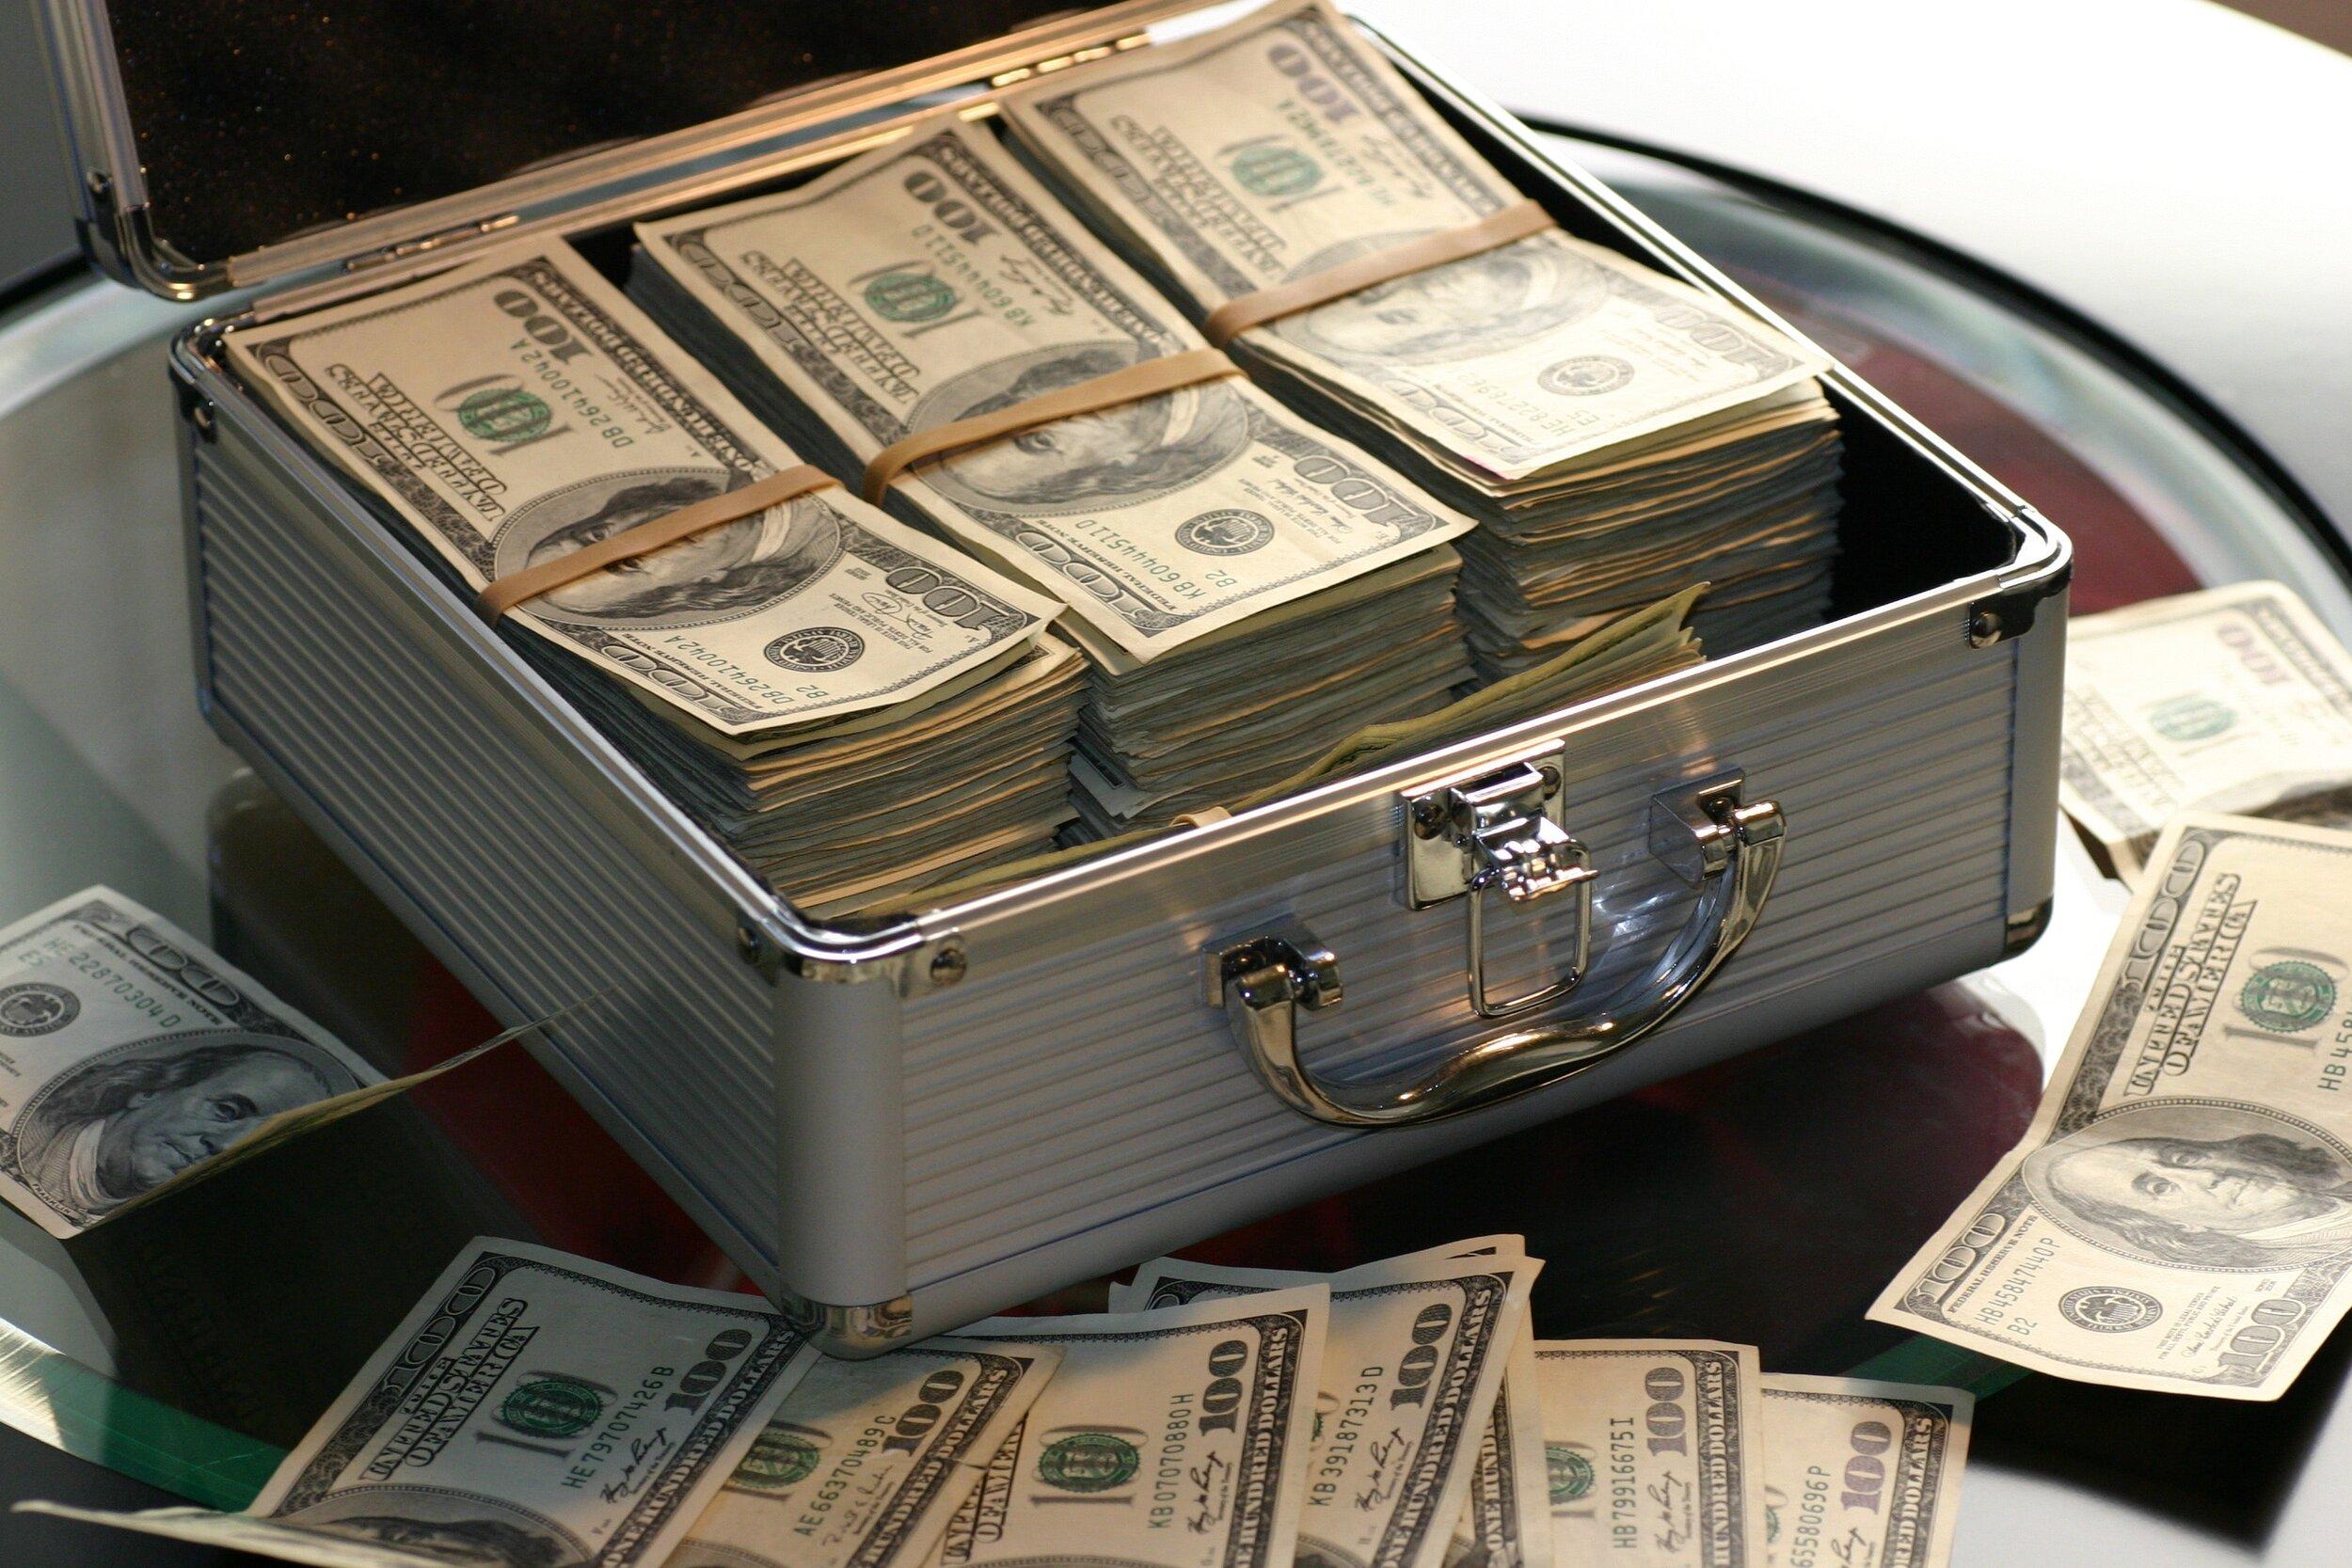 bank-banking-banknotes-259027 (1).jpg